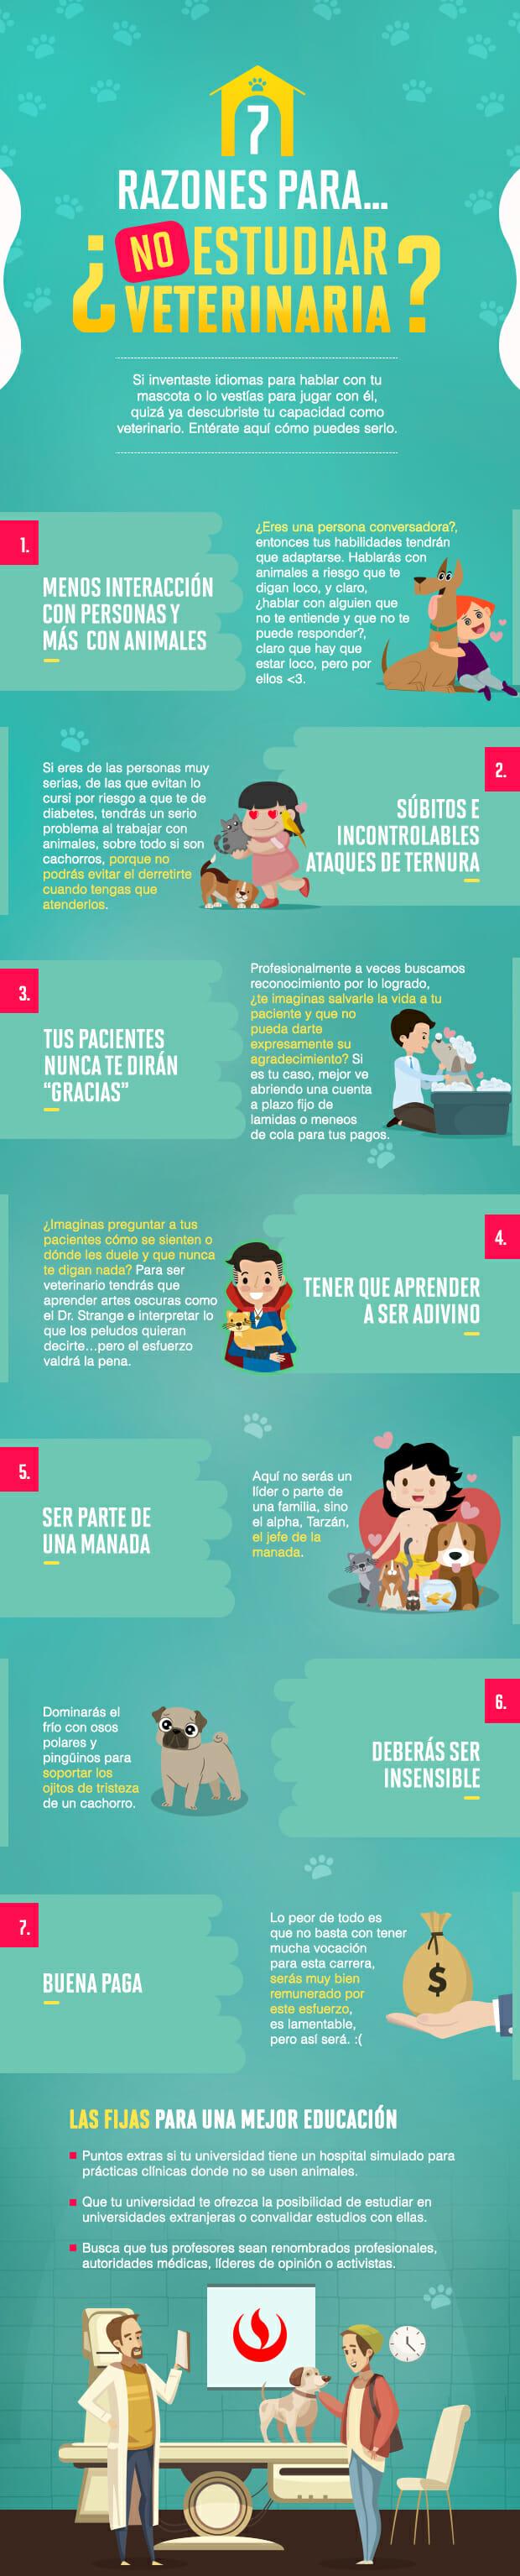 Infografía UPC – 7 razones para ¿no estudiar veterinaria?